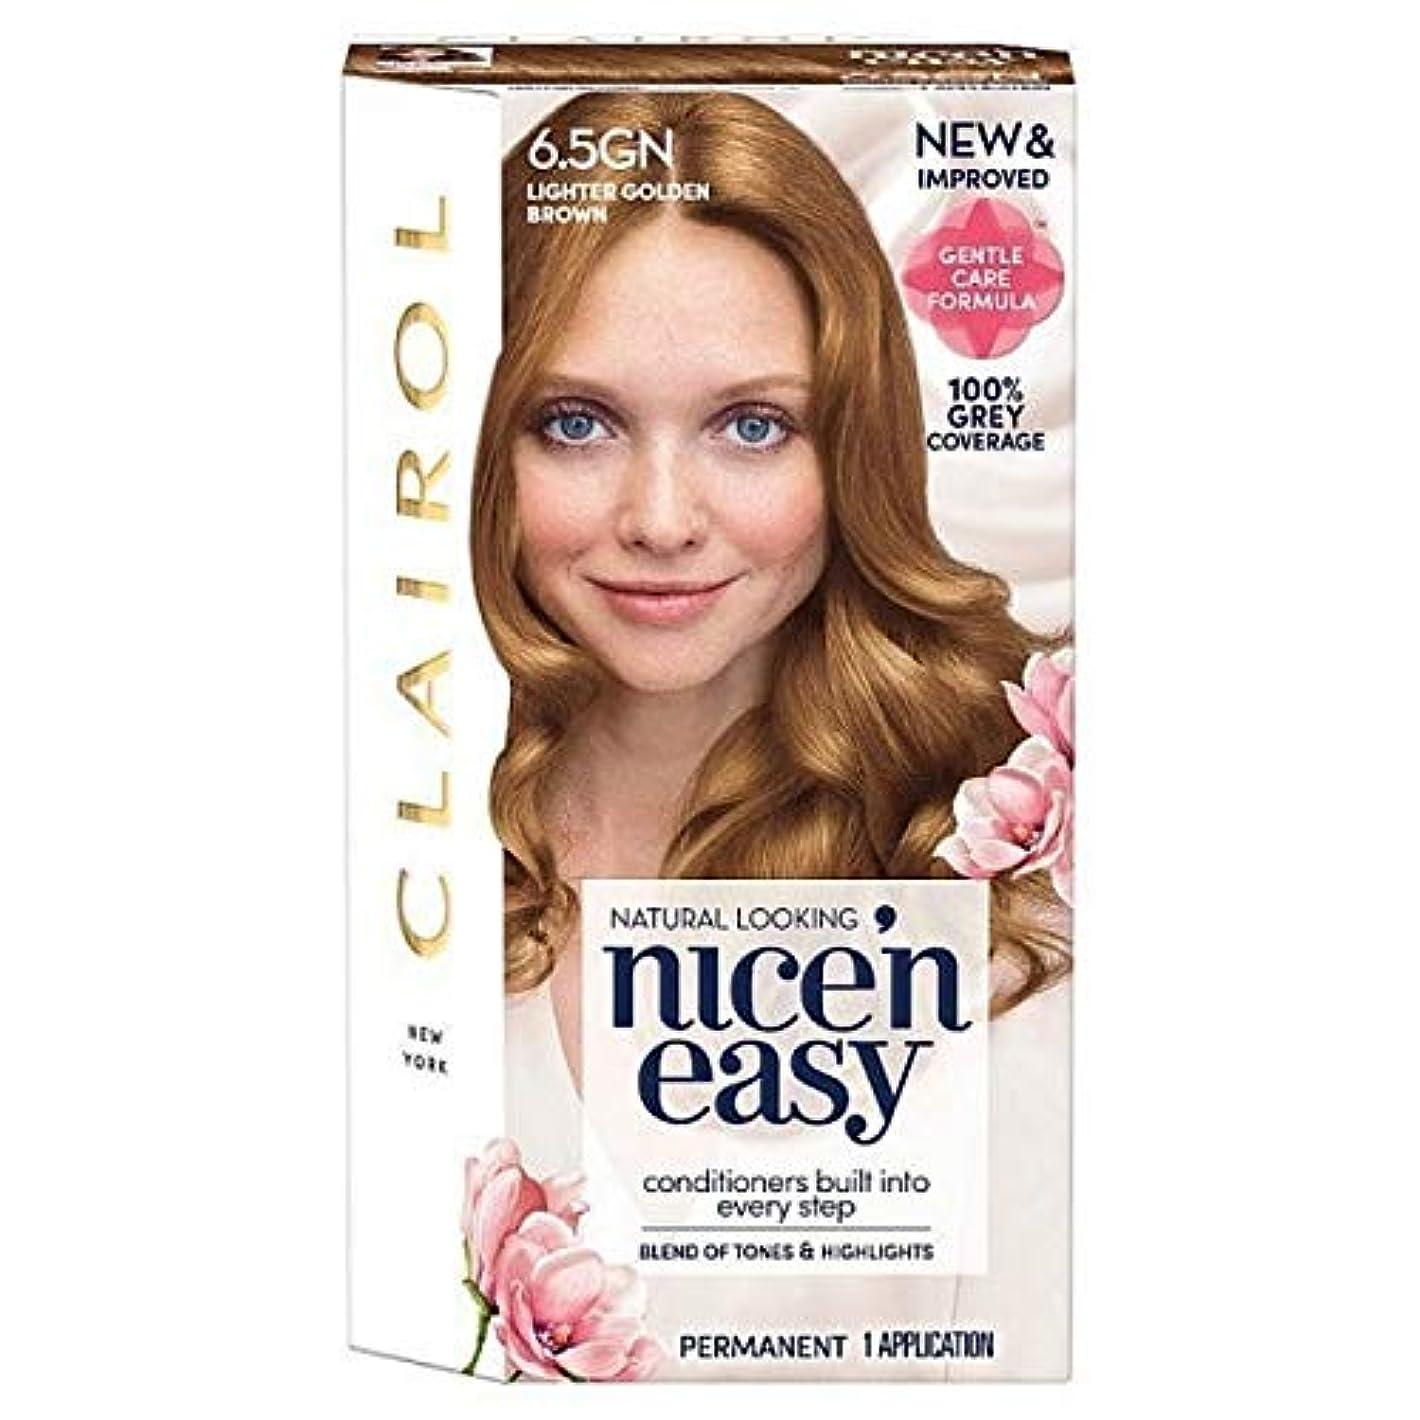 持続的鋸歯状寄り添う[Nice'n Easy] Nice'N簡単6.5Gn軽くキツネ色 - Nice'n Easy 6.5Gn Lighter Golden Brown [並行輸入品]